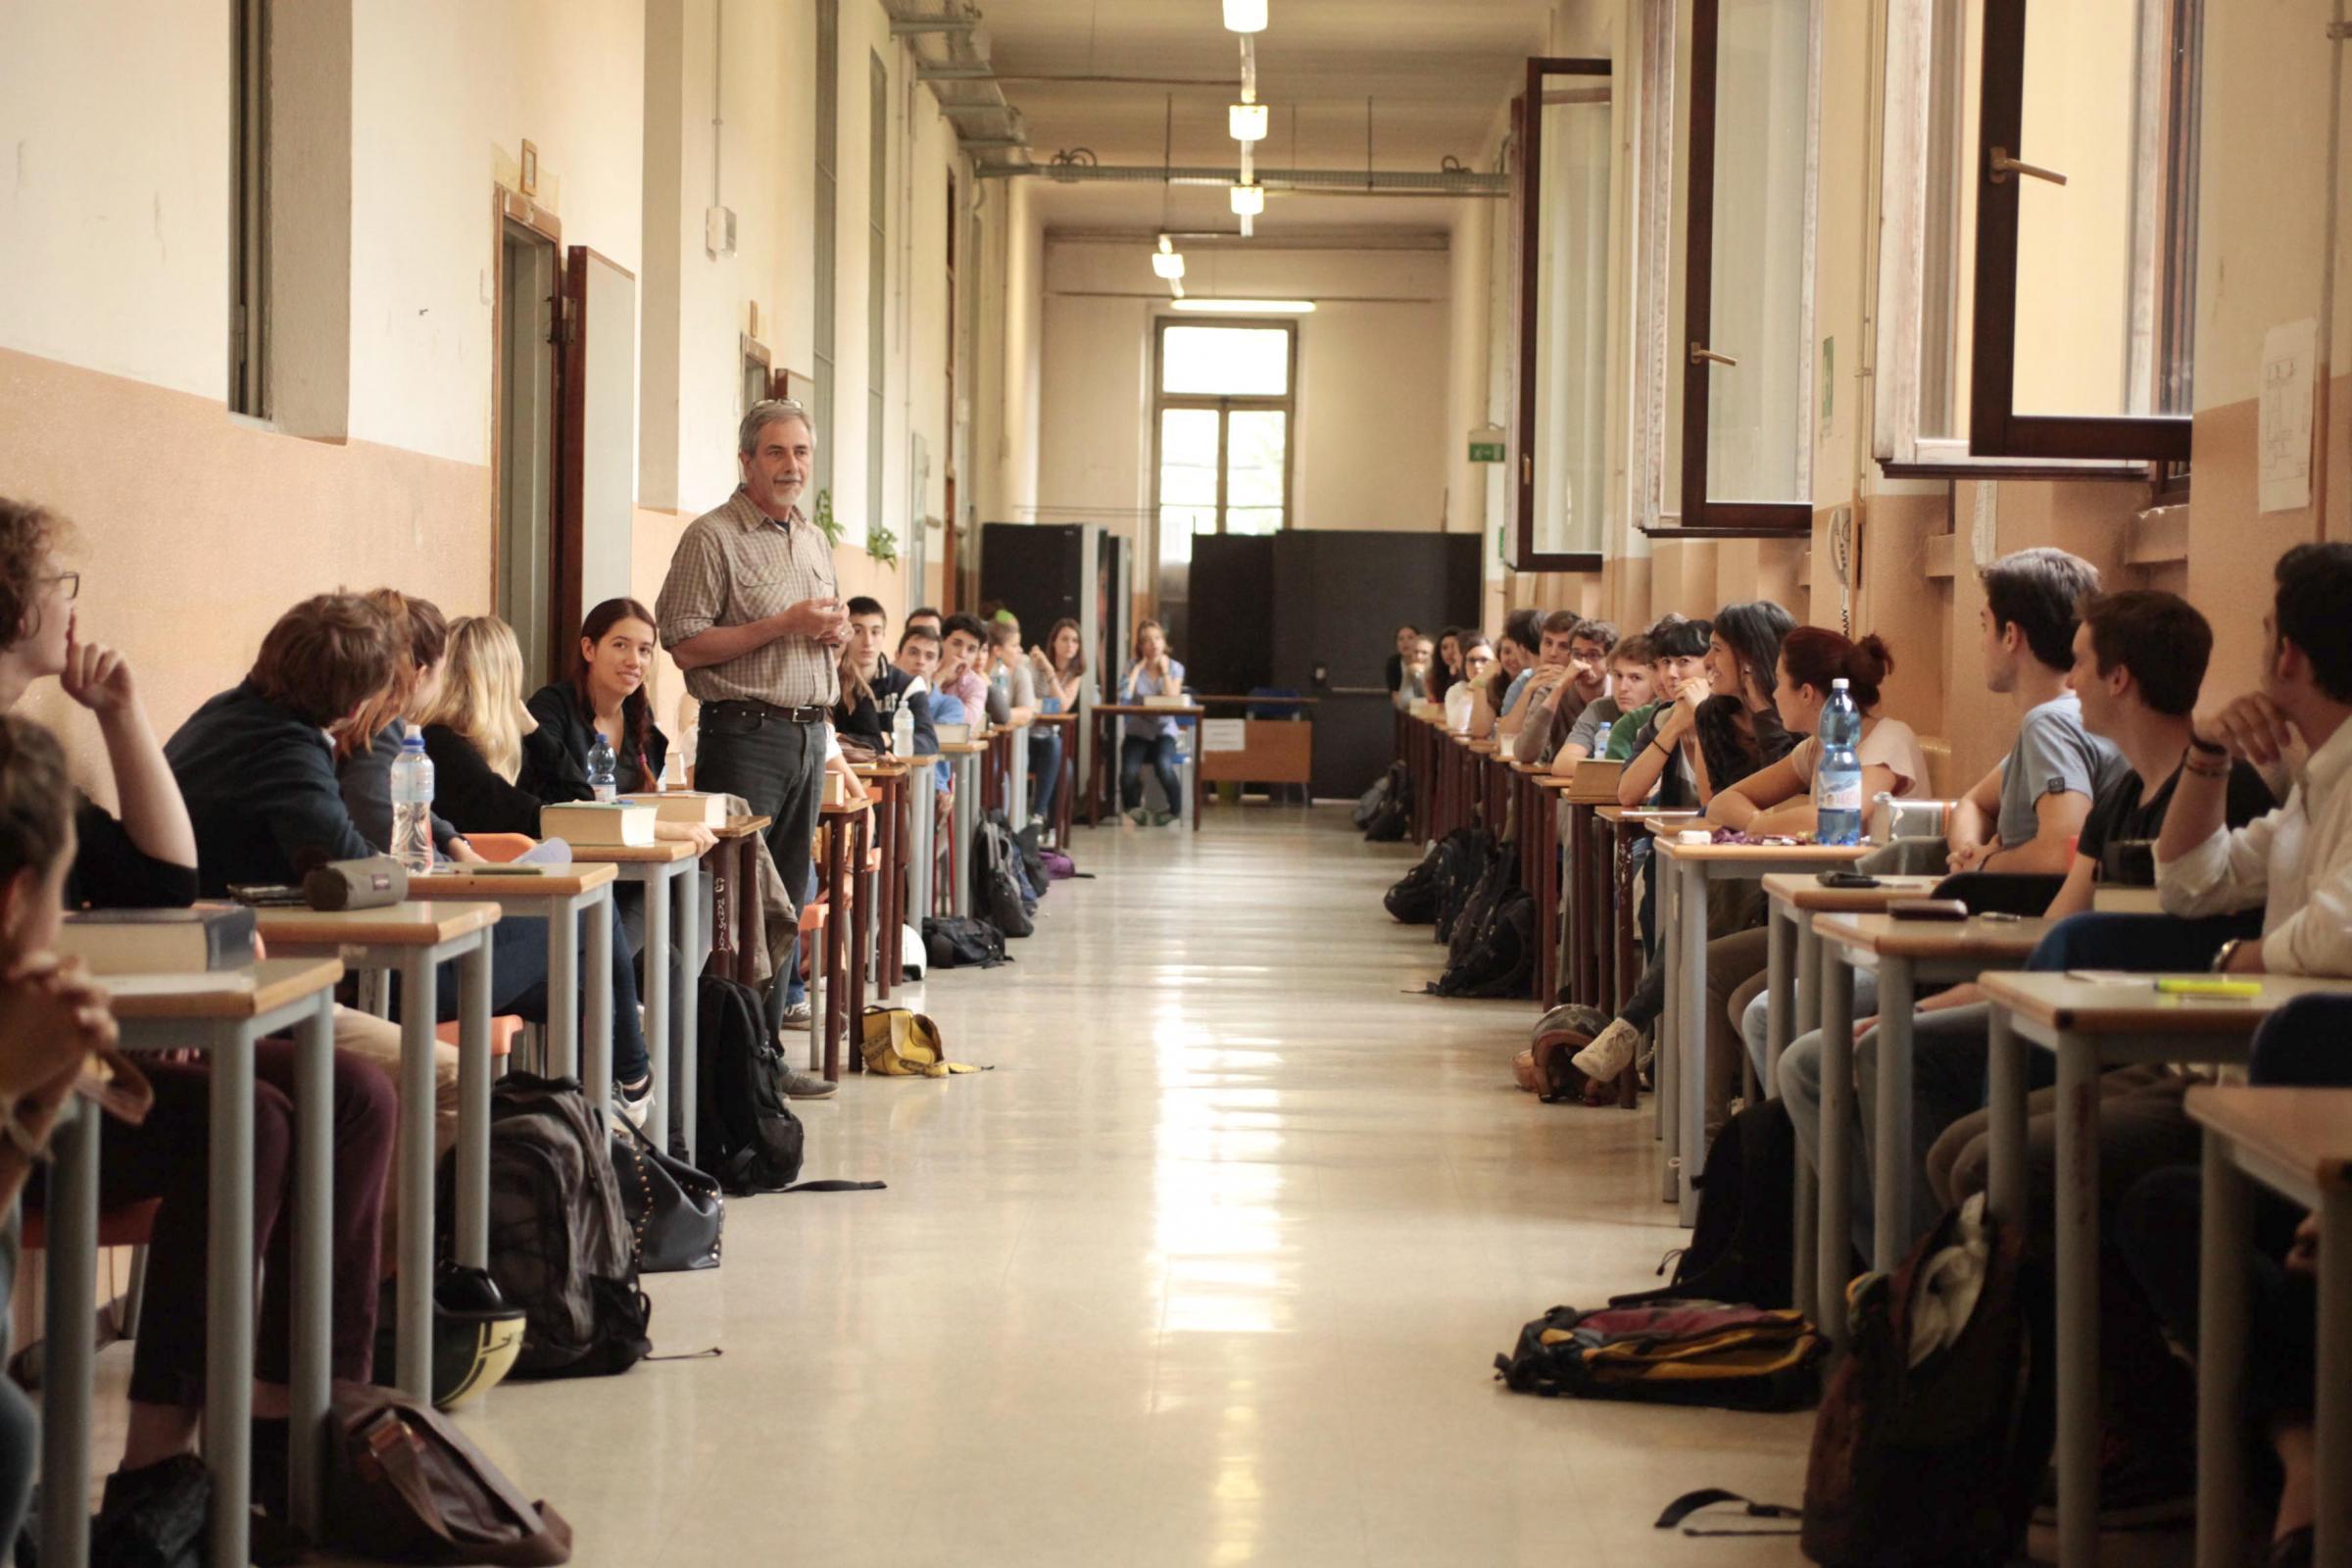 Maturità, al via la prima prova: Umberto Eco tra le tracce